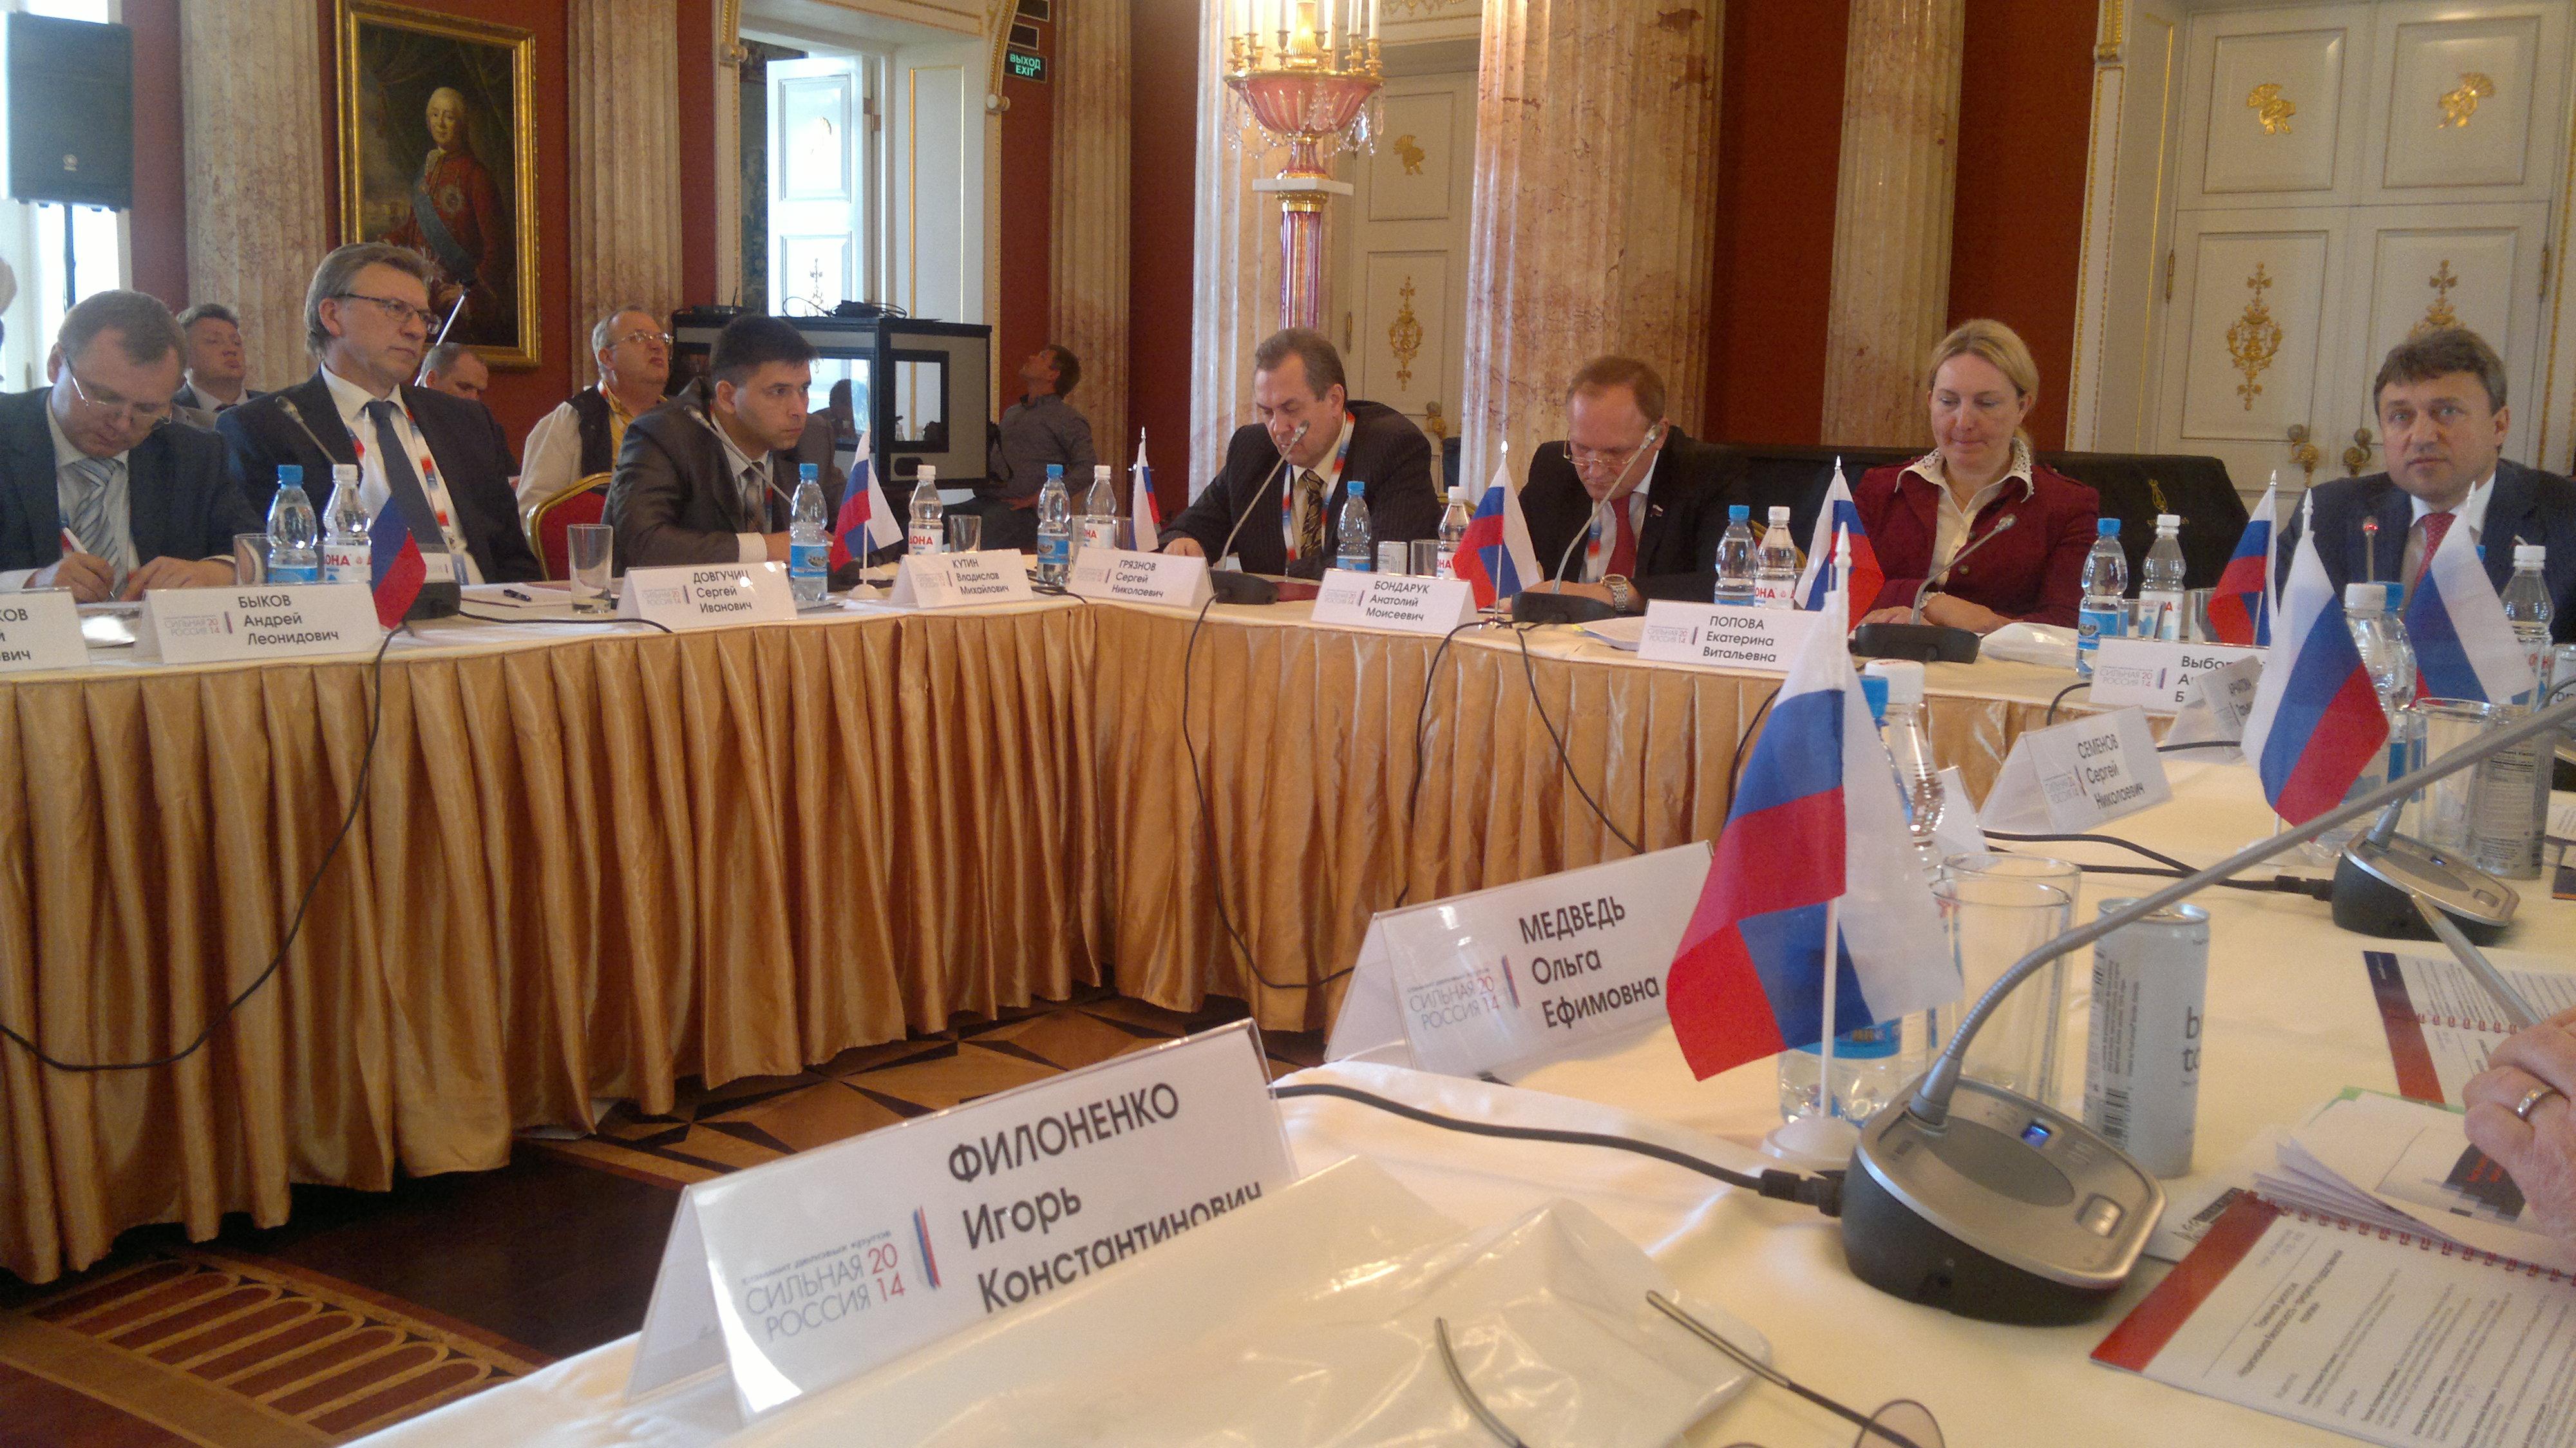 На саммите деловых кругов Сильная Россия-2014 прошла панельная дискуссия, посвященная вопросам безопасности.